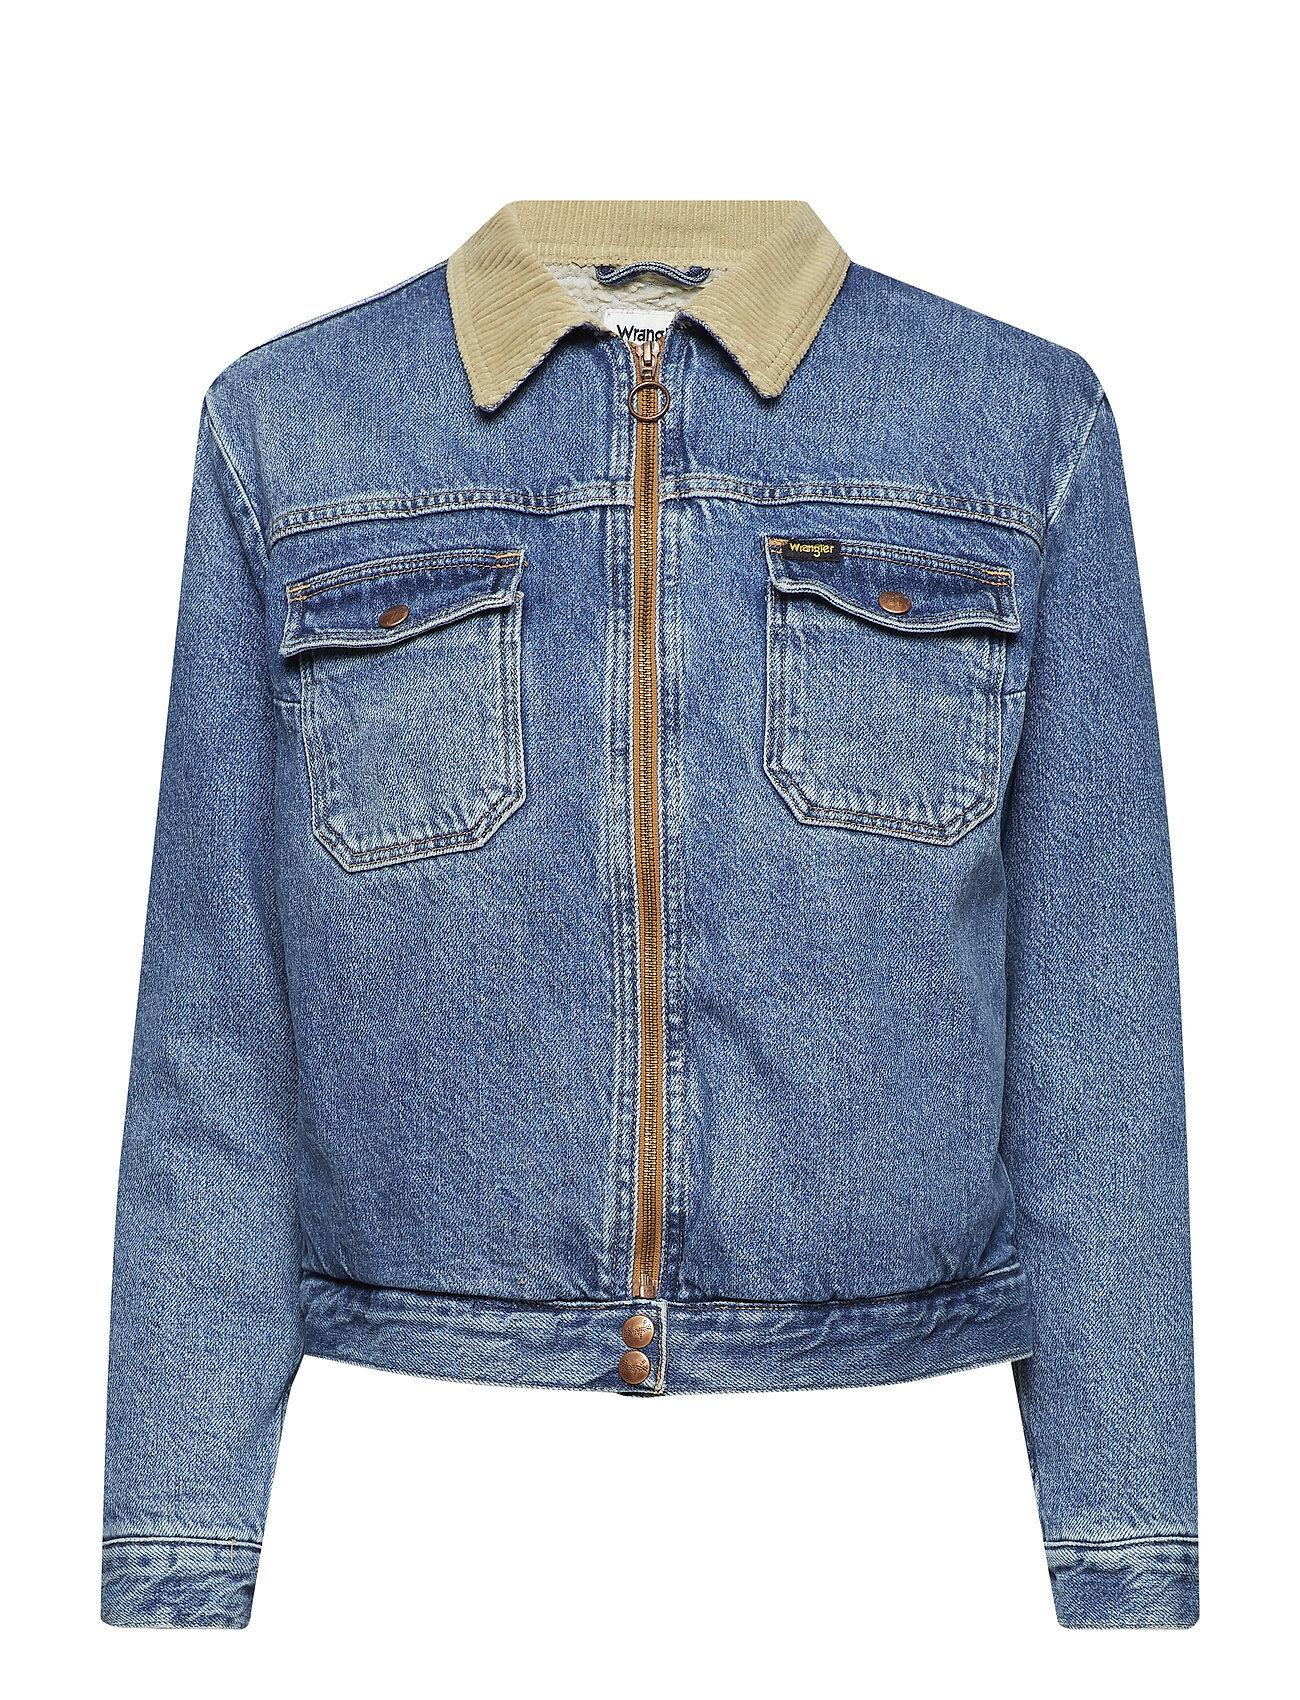 Wrangler Carpenter Jacket